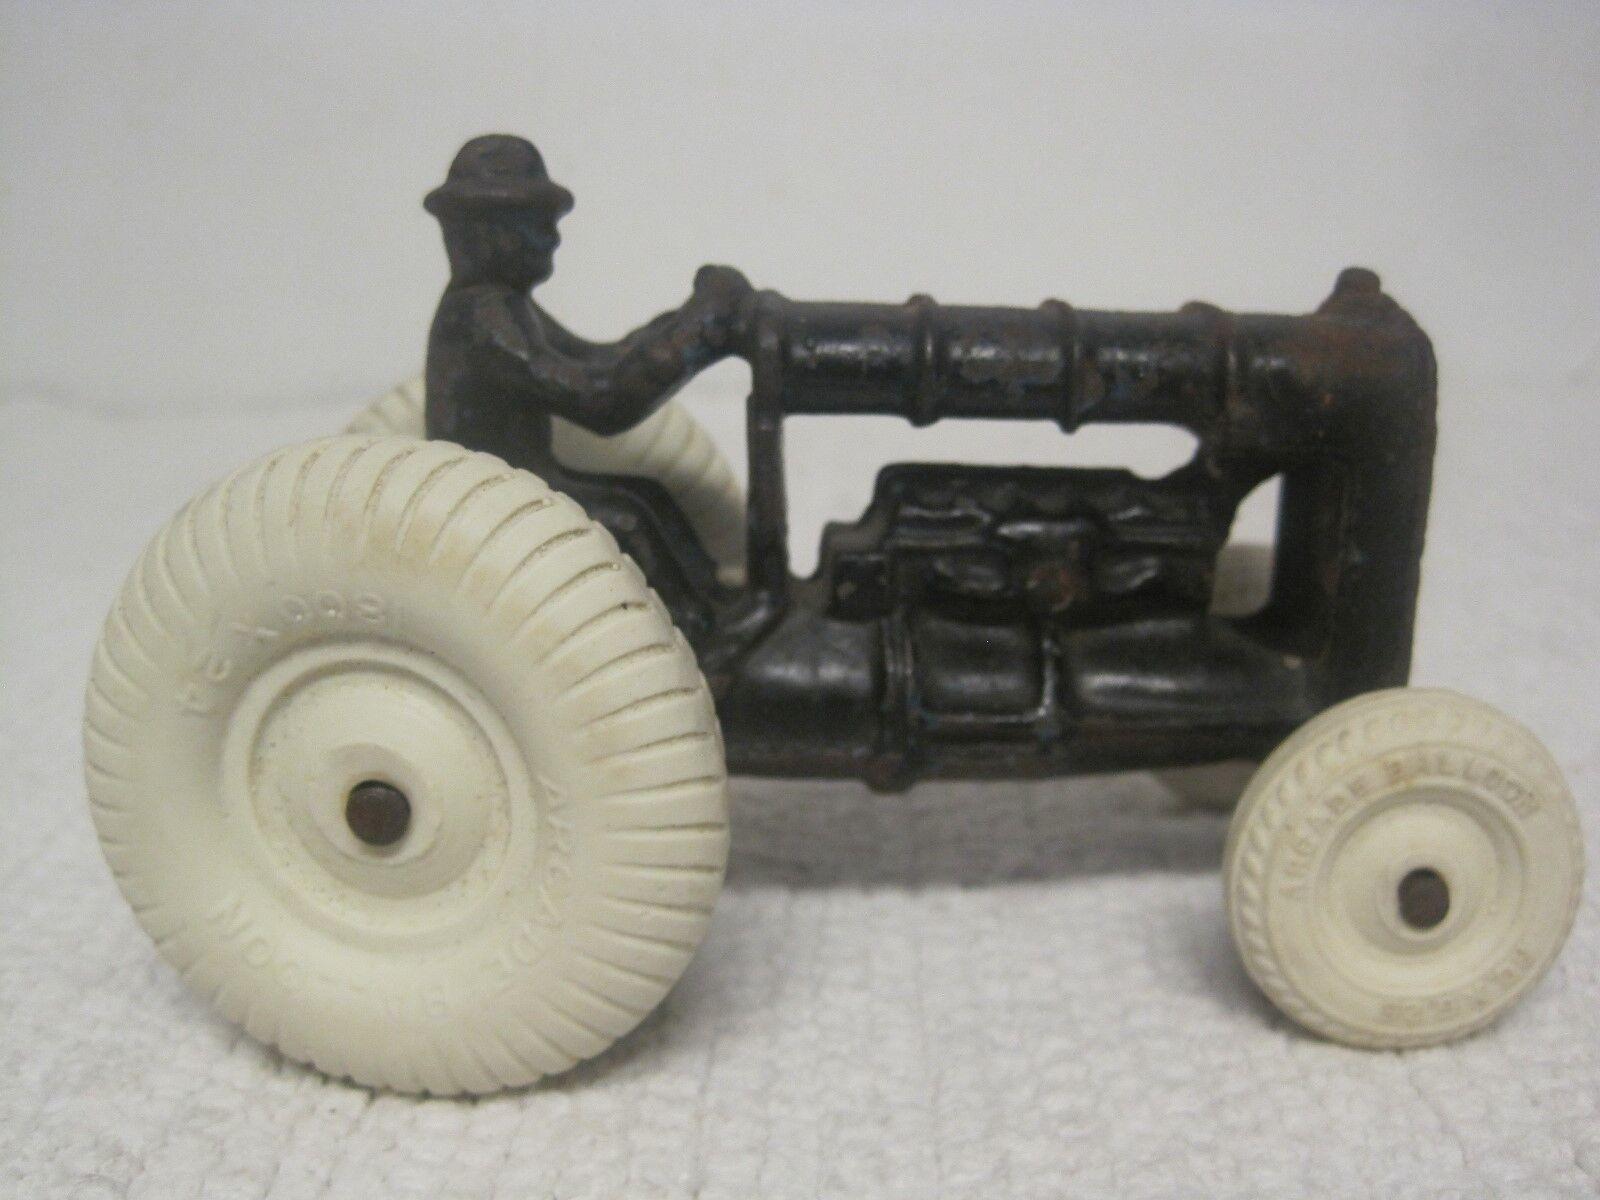 Vintage arcade  en fonte jouet tracteur avec original arcade Ballon Pneus & driver  économisez 60% de réduction et expédition rapide dans le monde entier